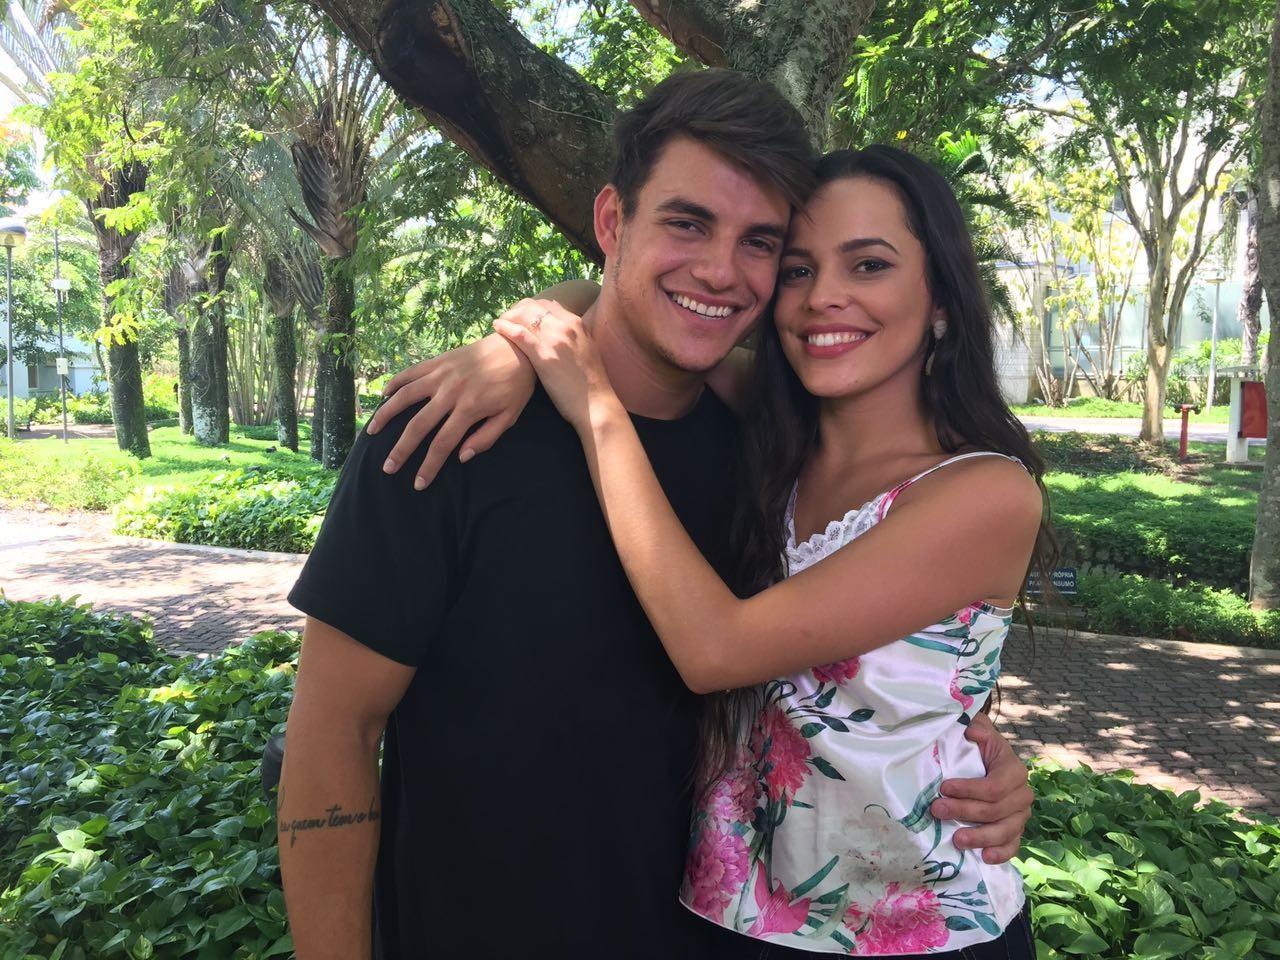 Antnio e Mayla participam do BBB - A Eliminao nesta quarta-feira, s 22h30 (Foto: Multishow)